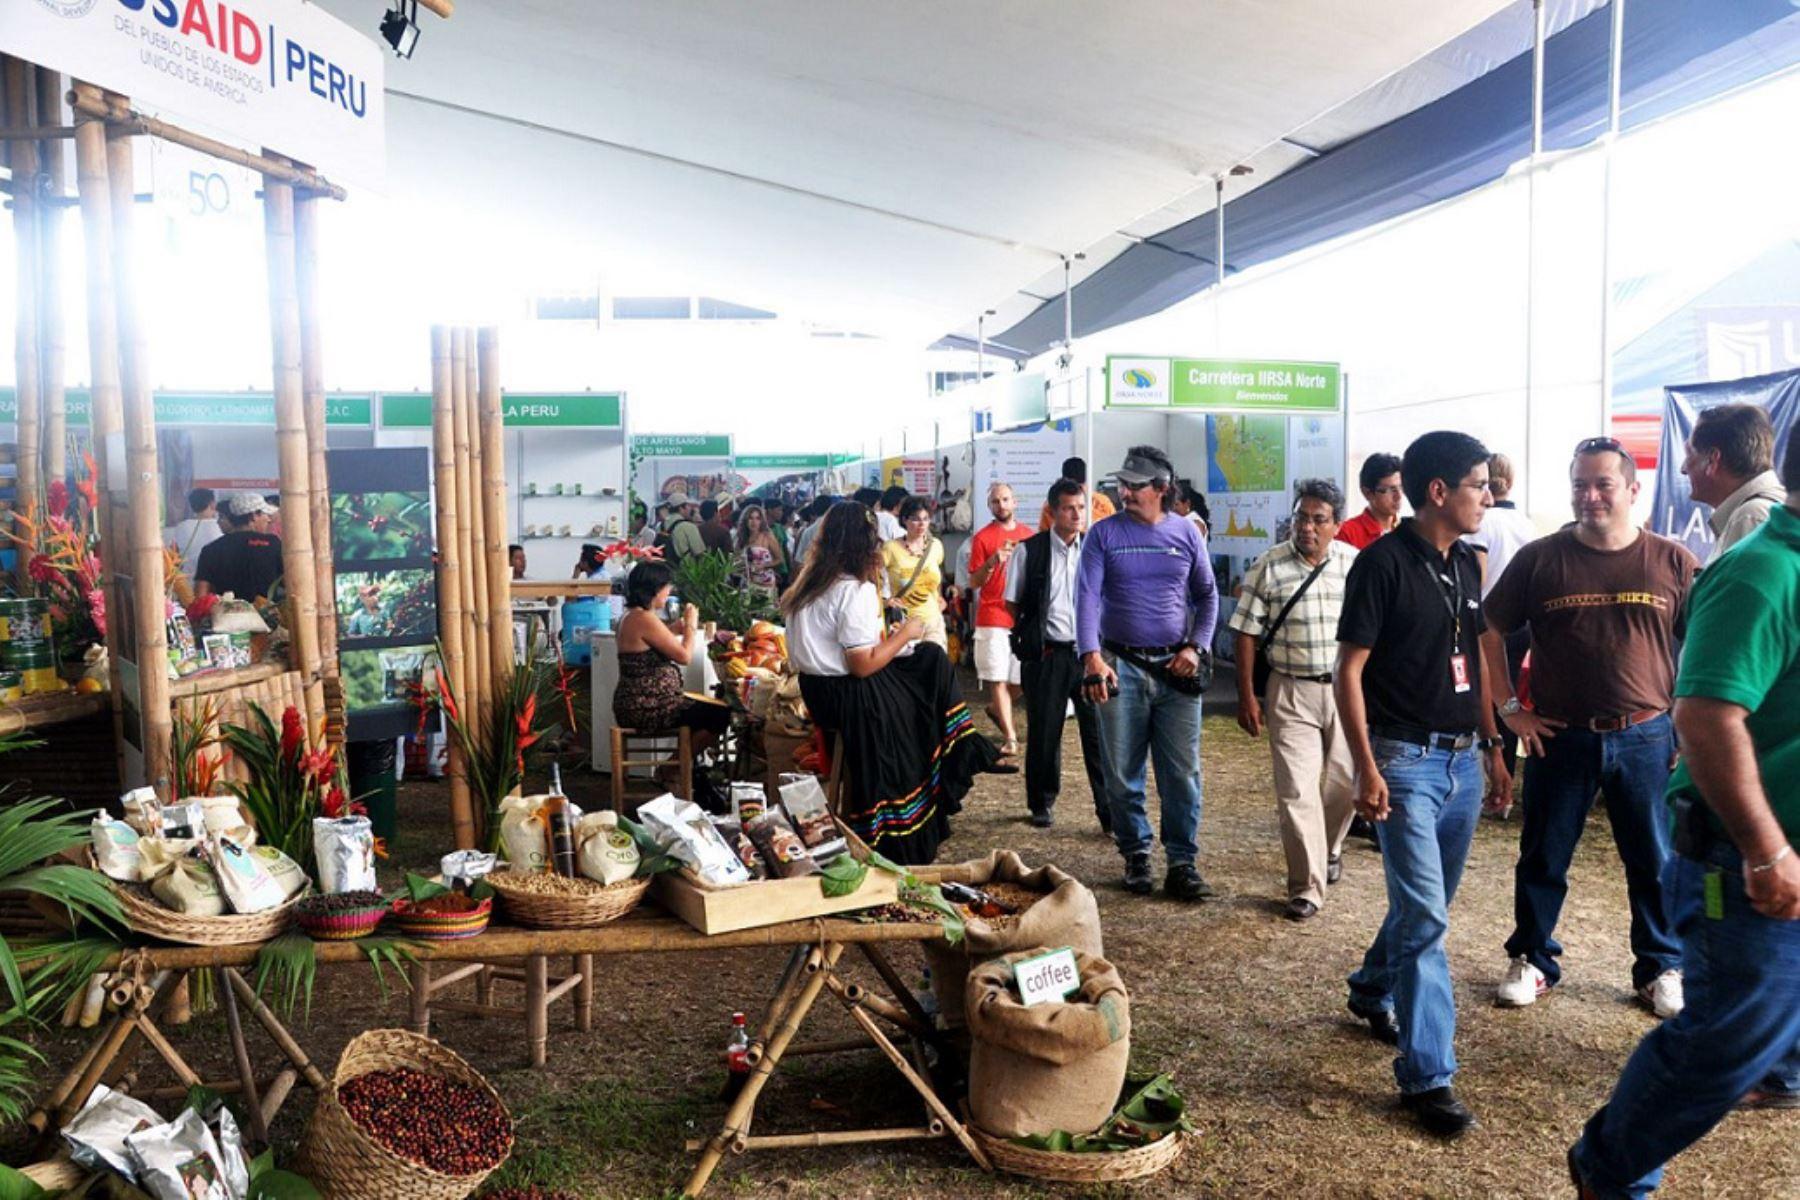 Empresarios de San Martín muestran sus productos emblemáticos en ExpoAmazónica que se realiza en Pucallpa, Ucayali. ANDINA